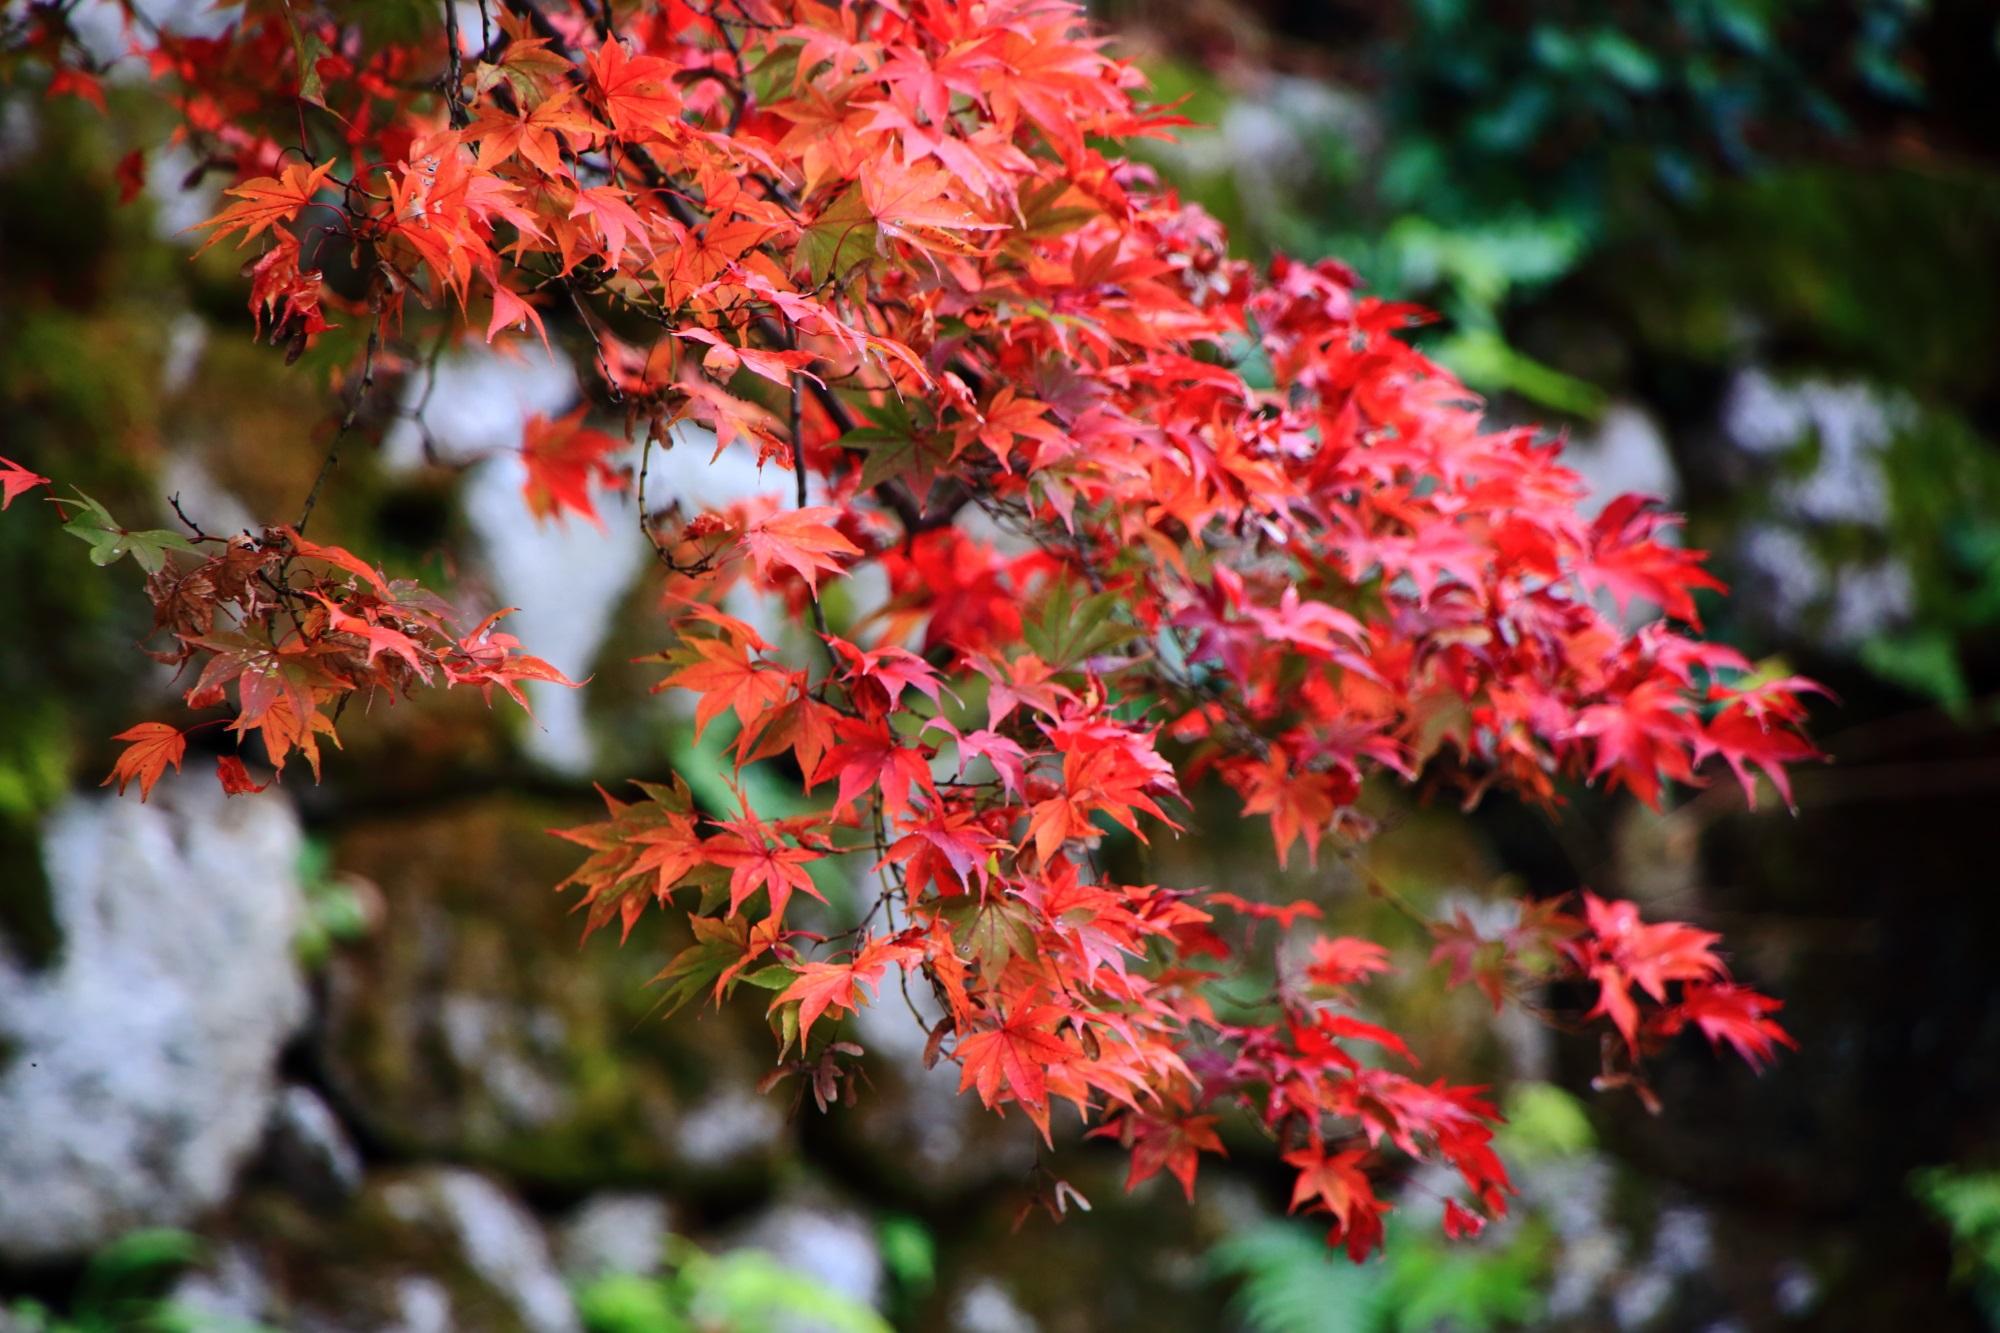 ほのかに光るような鮮やかな紅葉